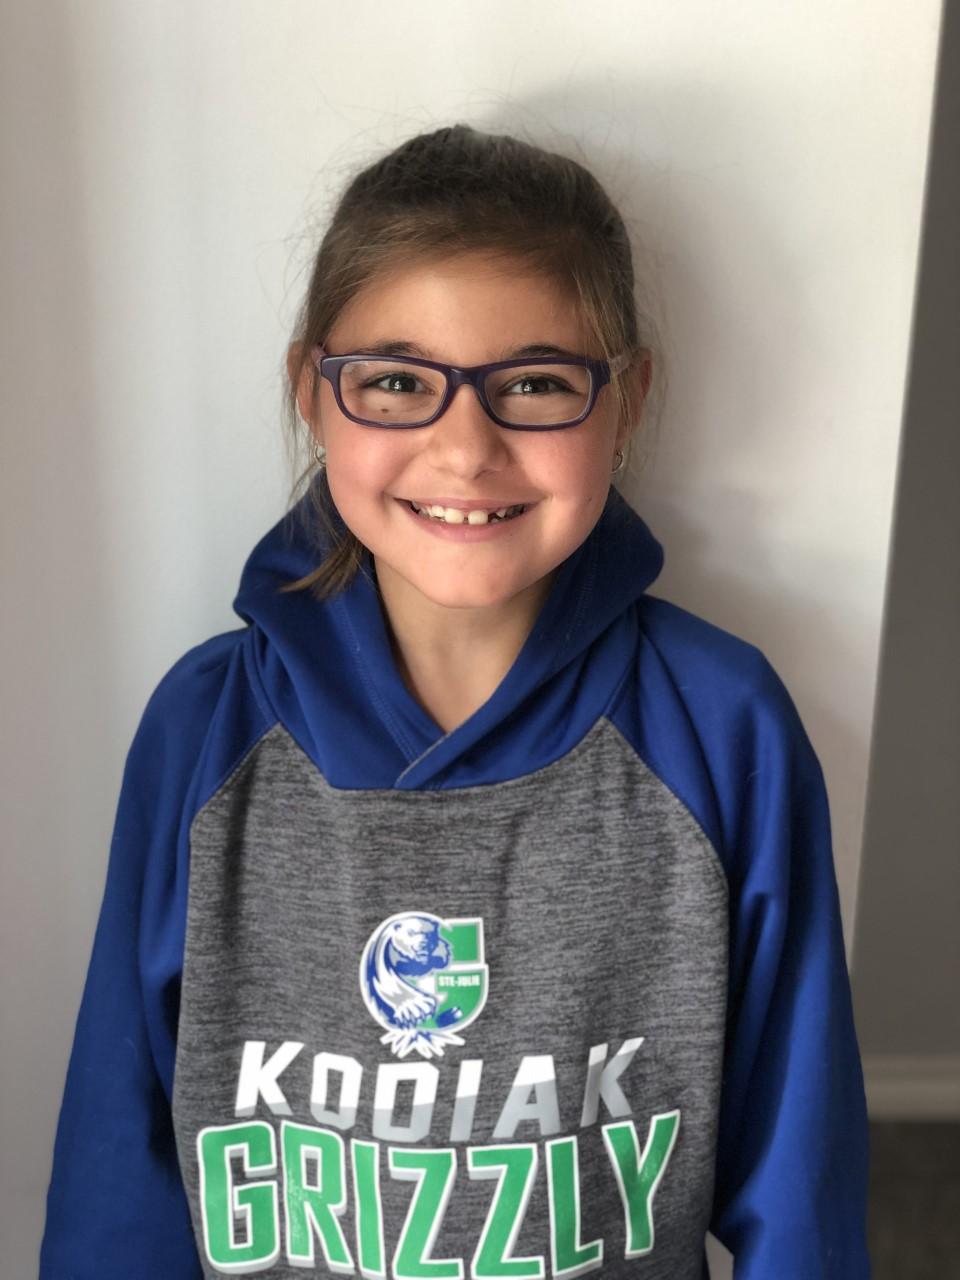 Une équipe de hockey adapté pour jeunes autistes est créée à Sainte-Julie